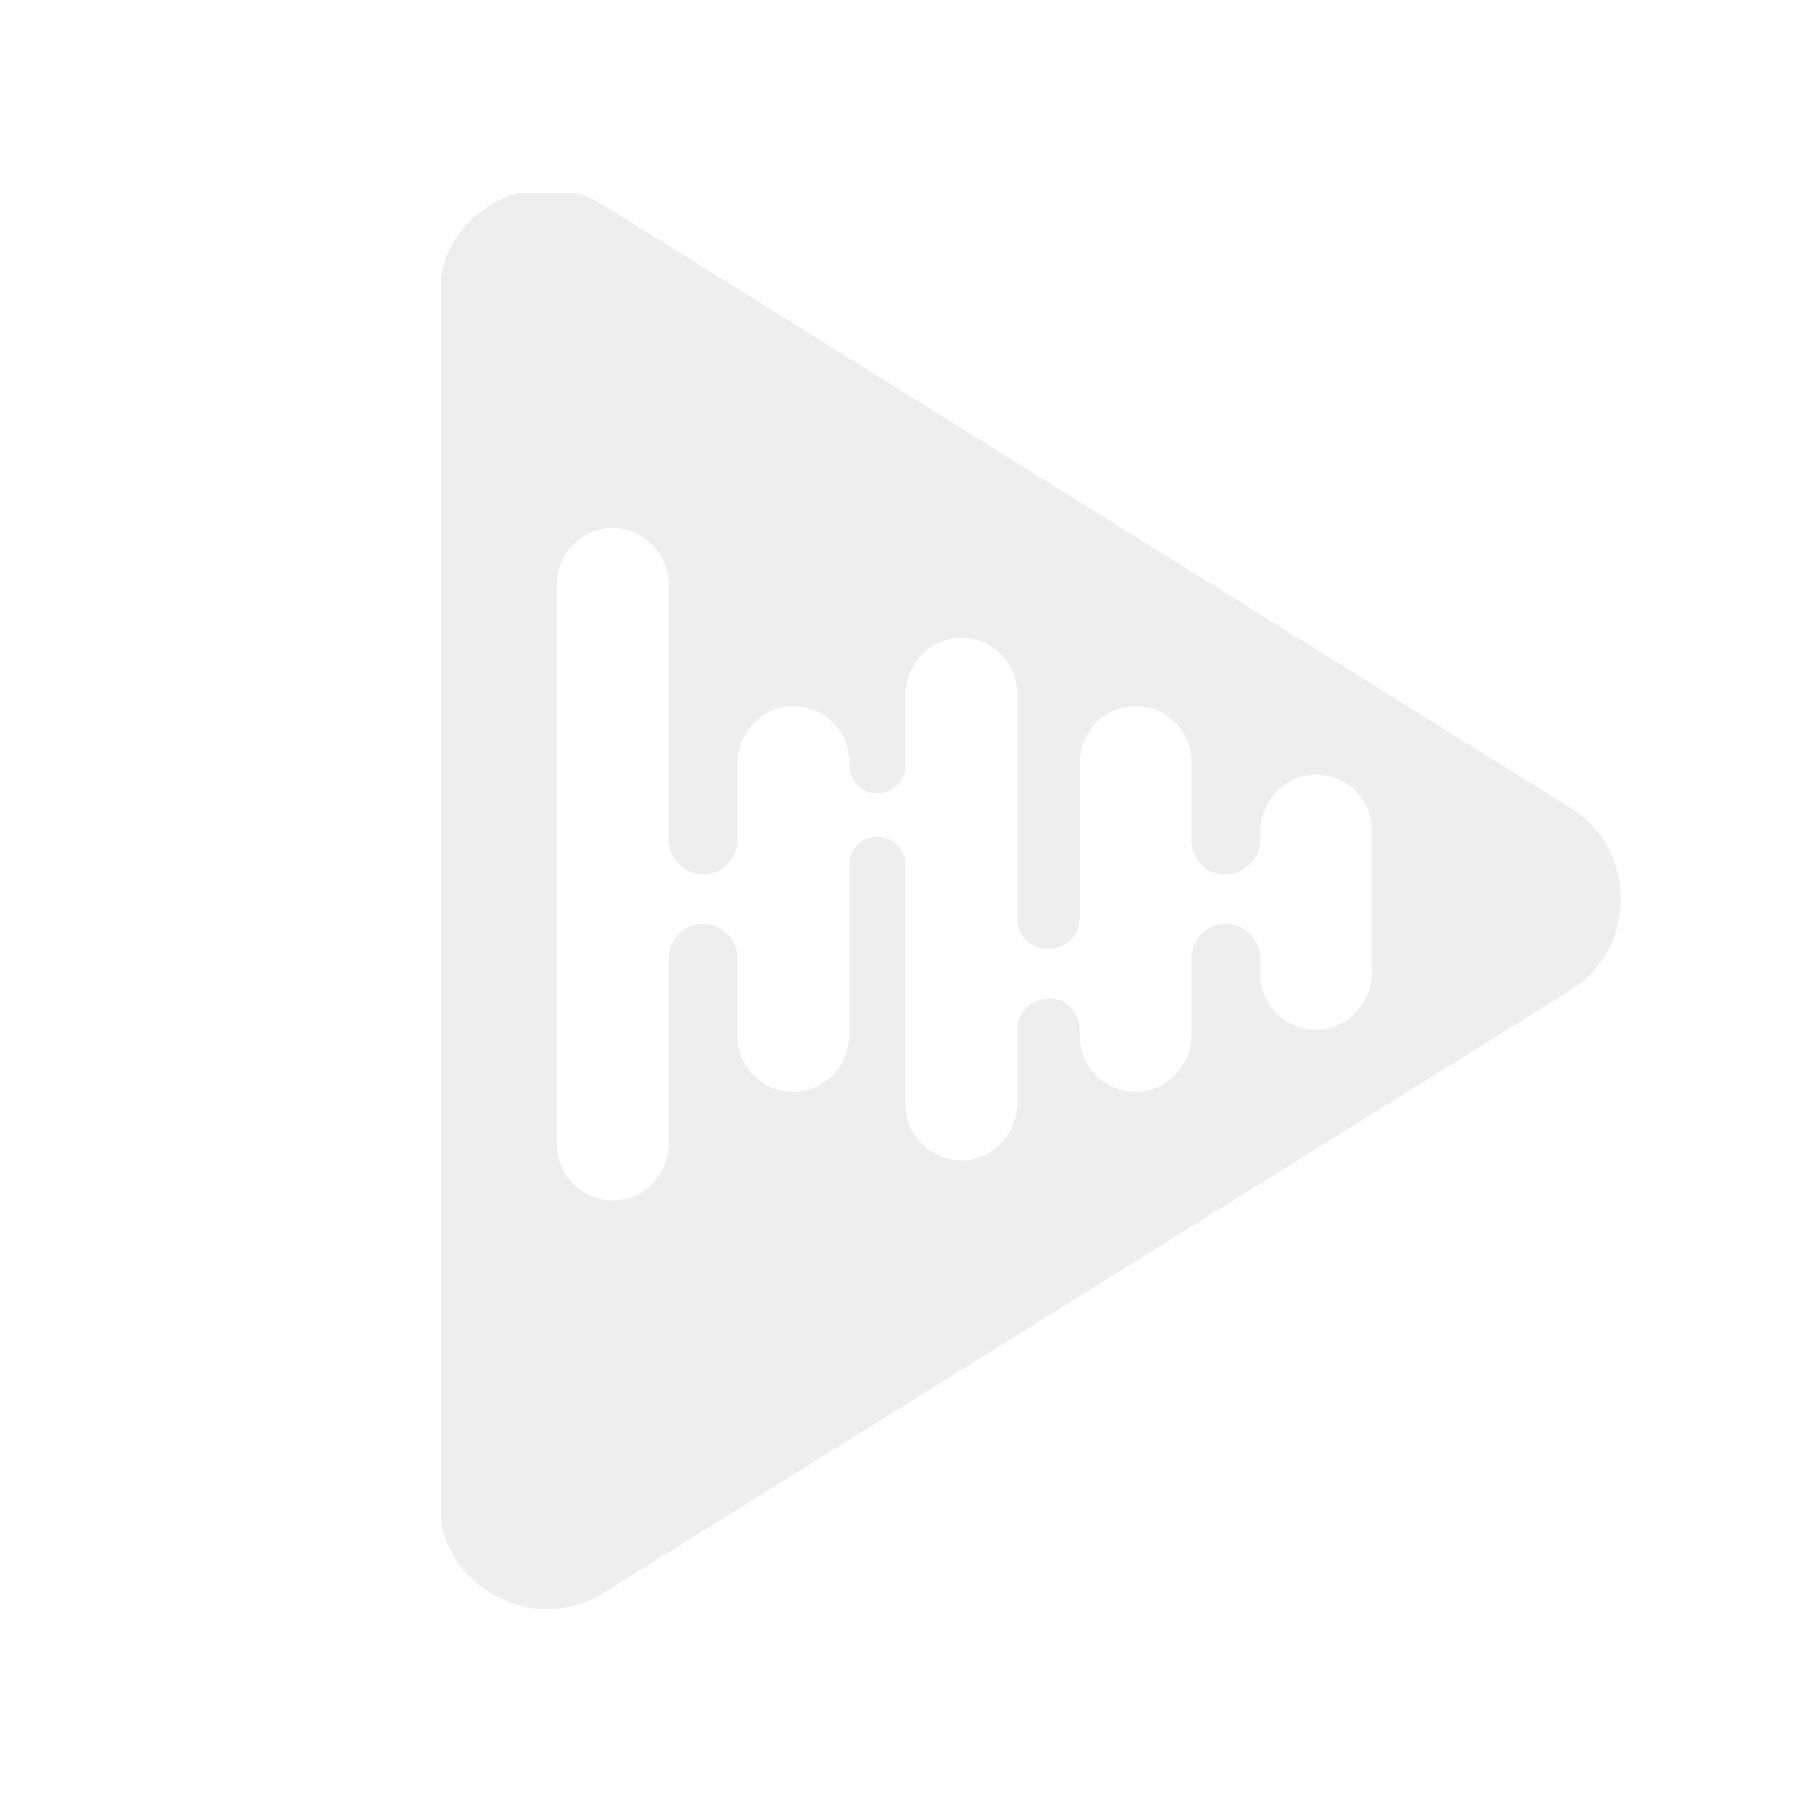 Audison AP8.9 BIT